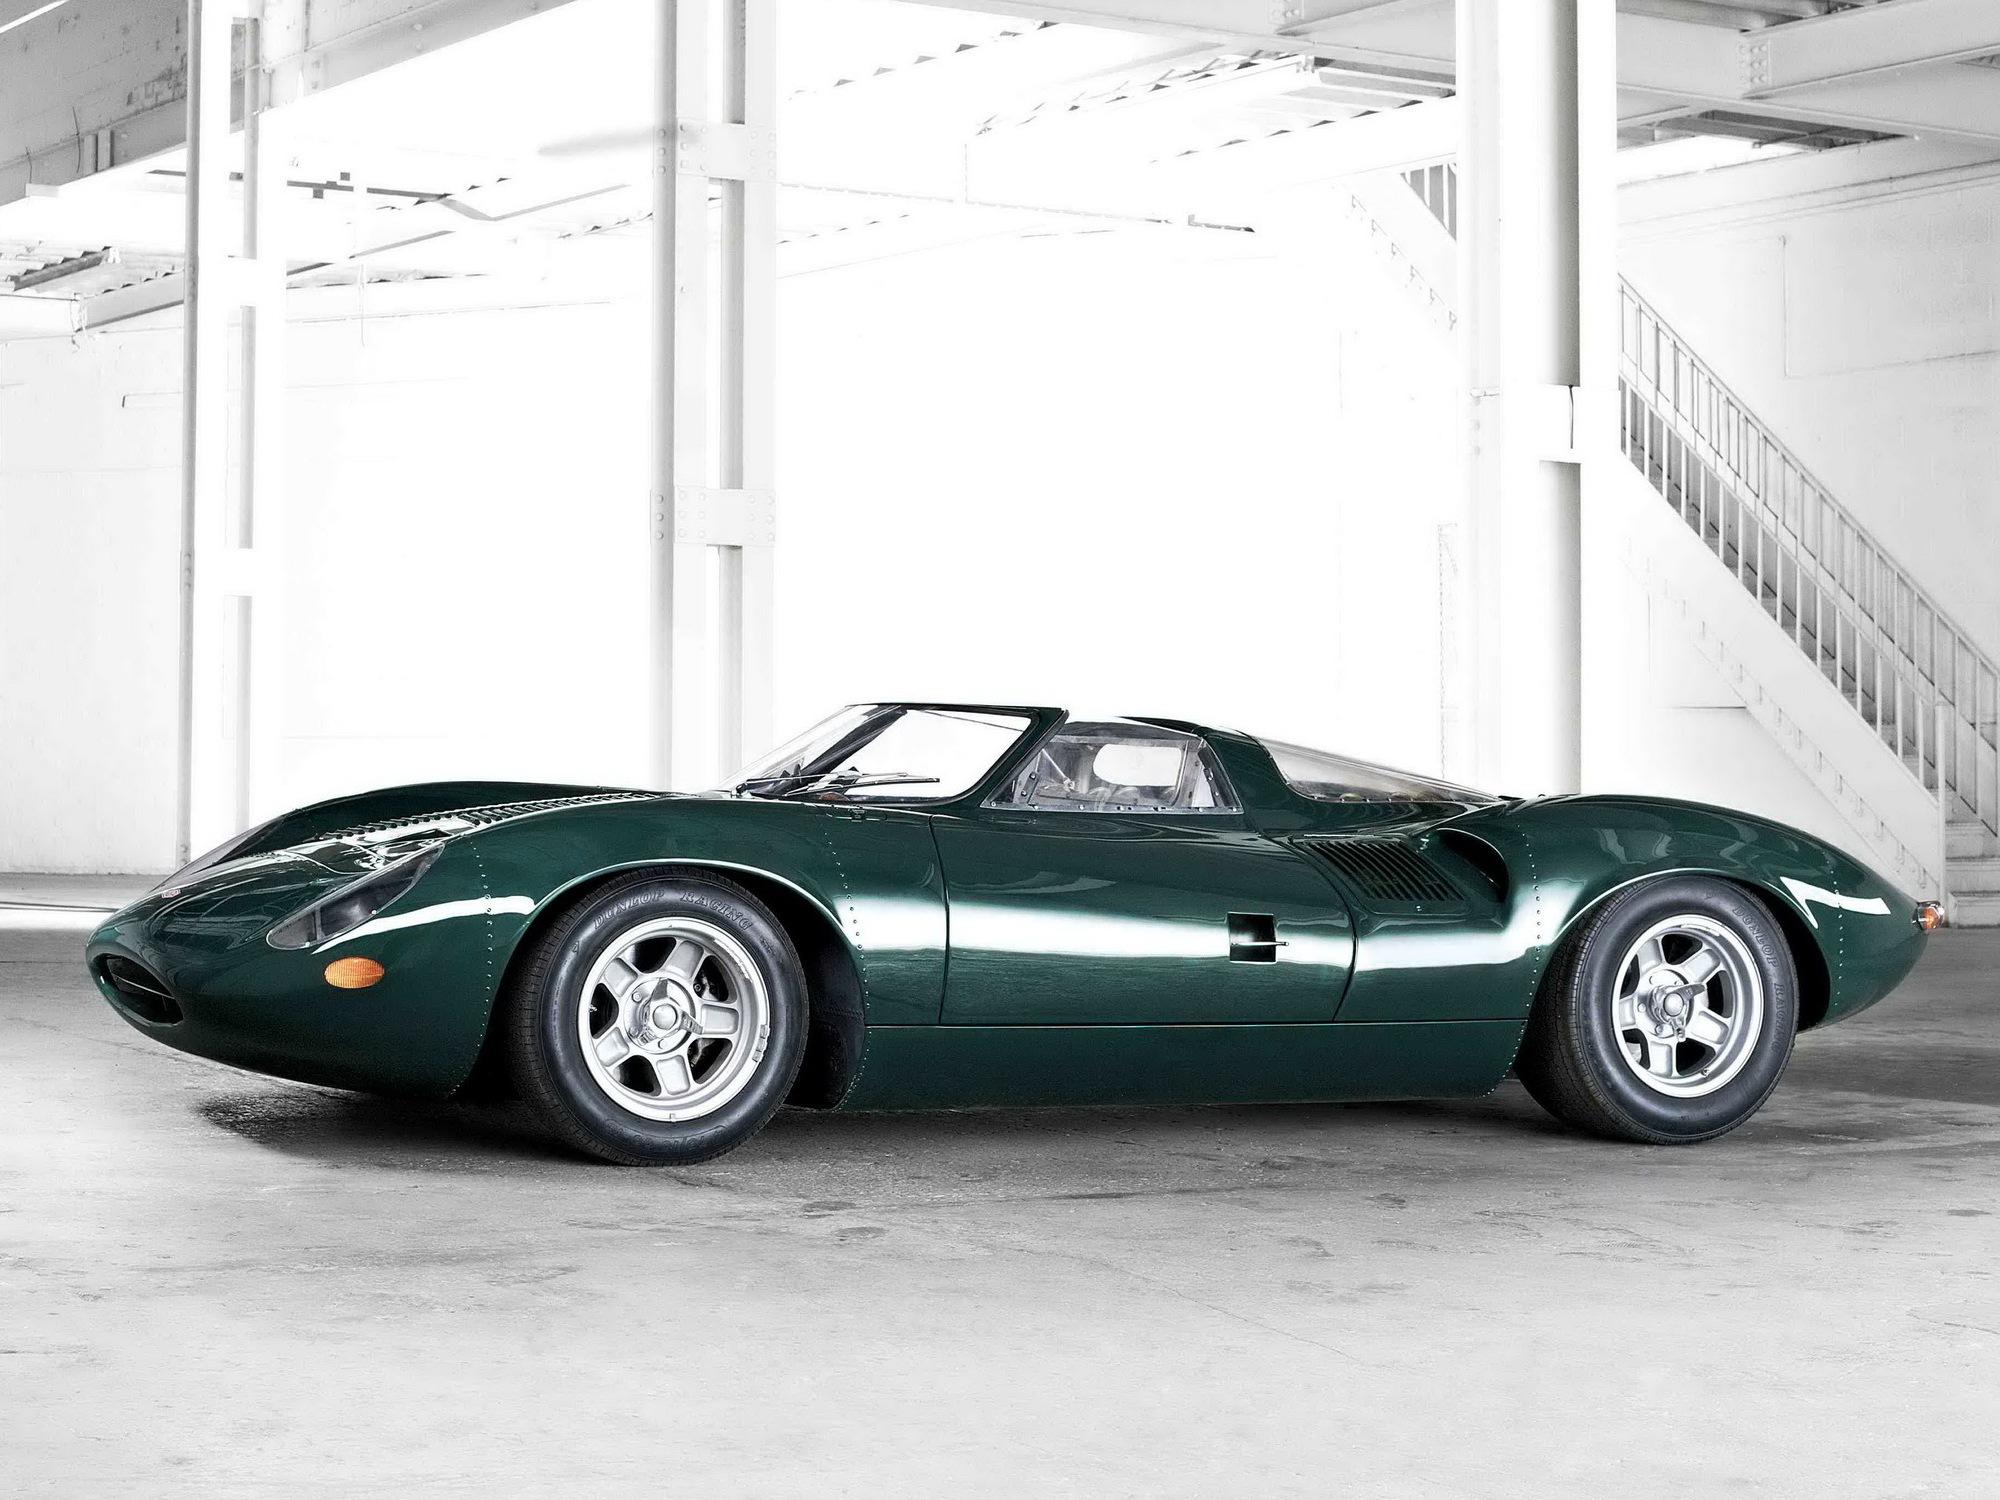 Fondos De Vehiculos: Jaguar Fondos De Pantalla, Fondos De Escritorio